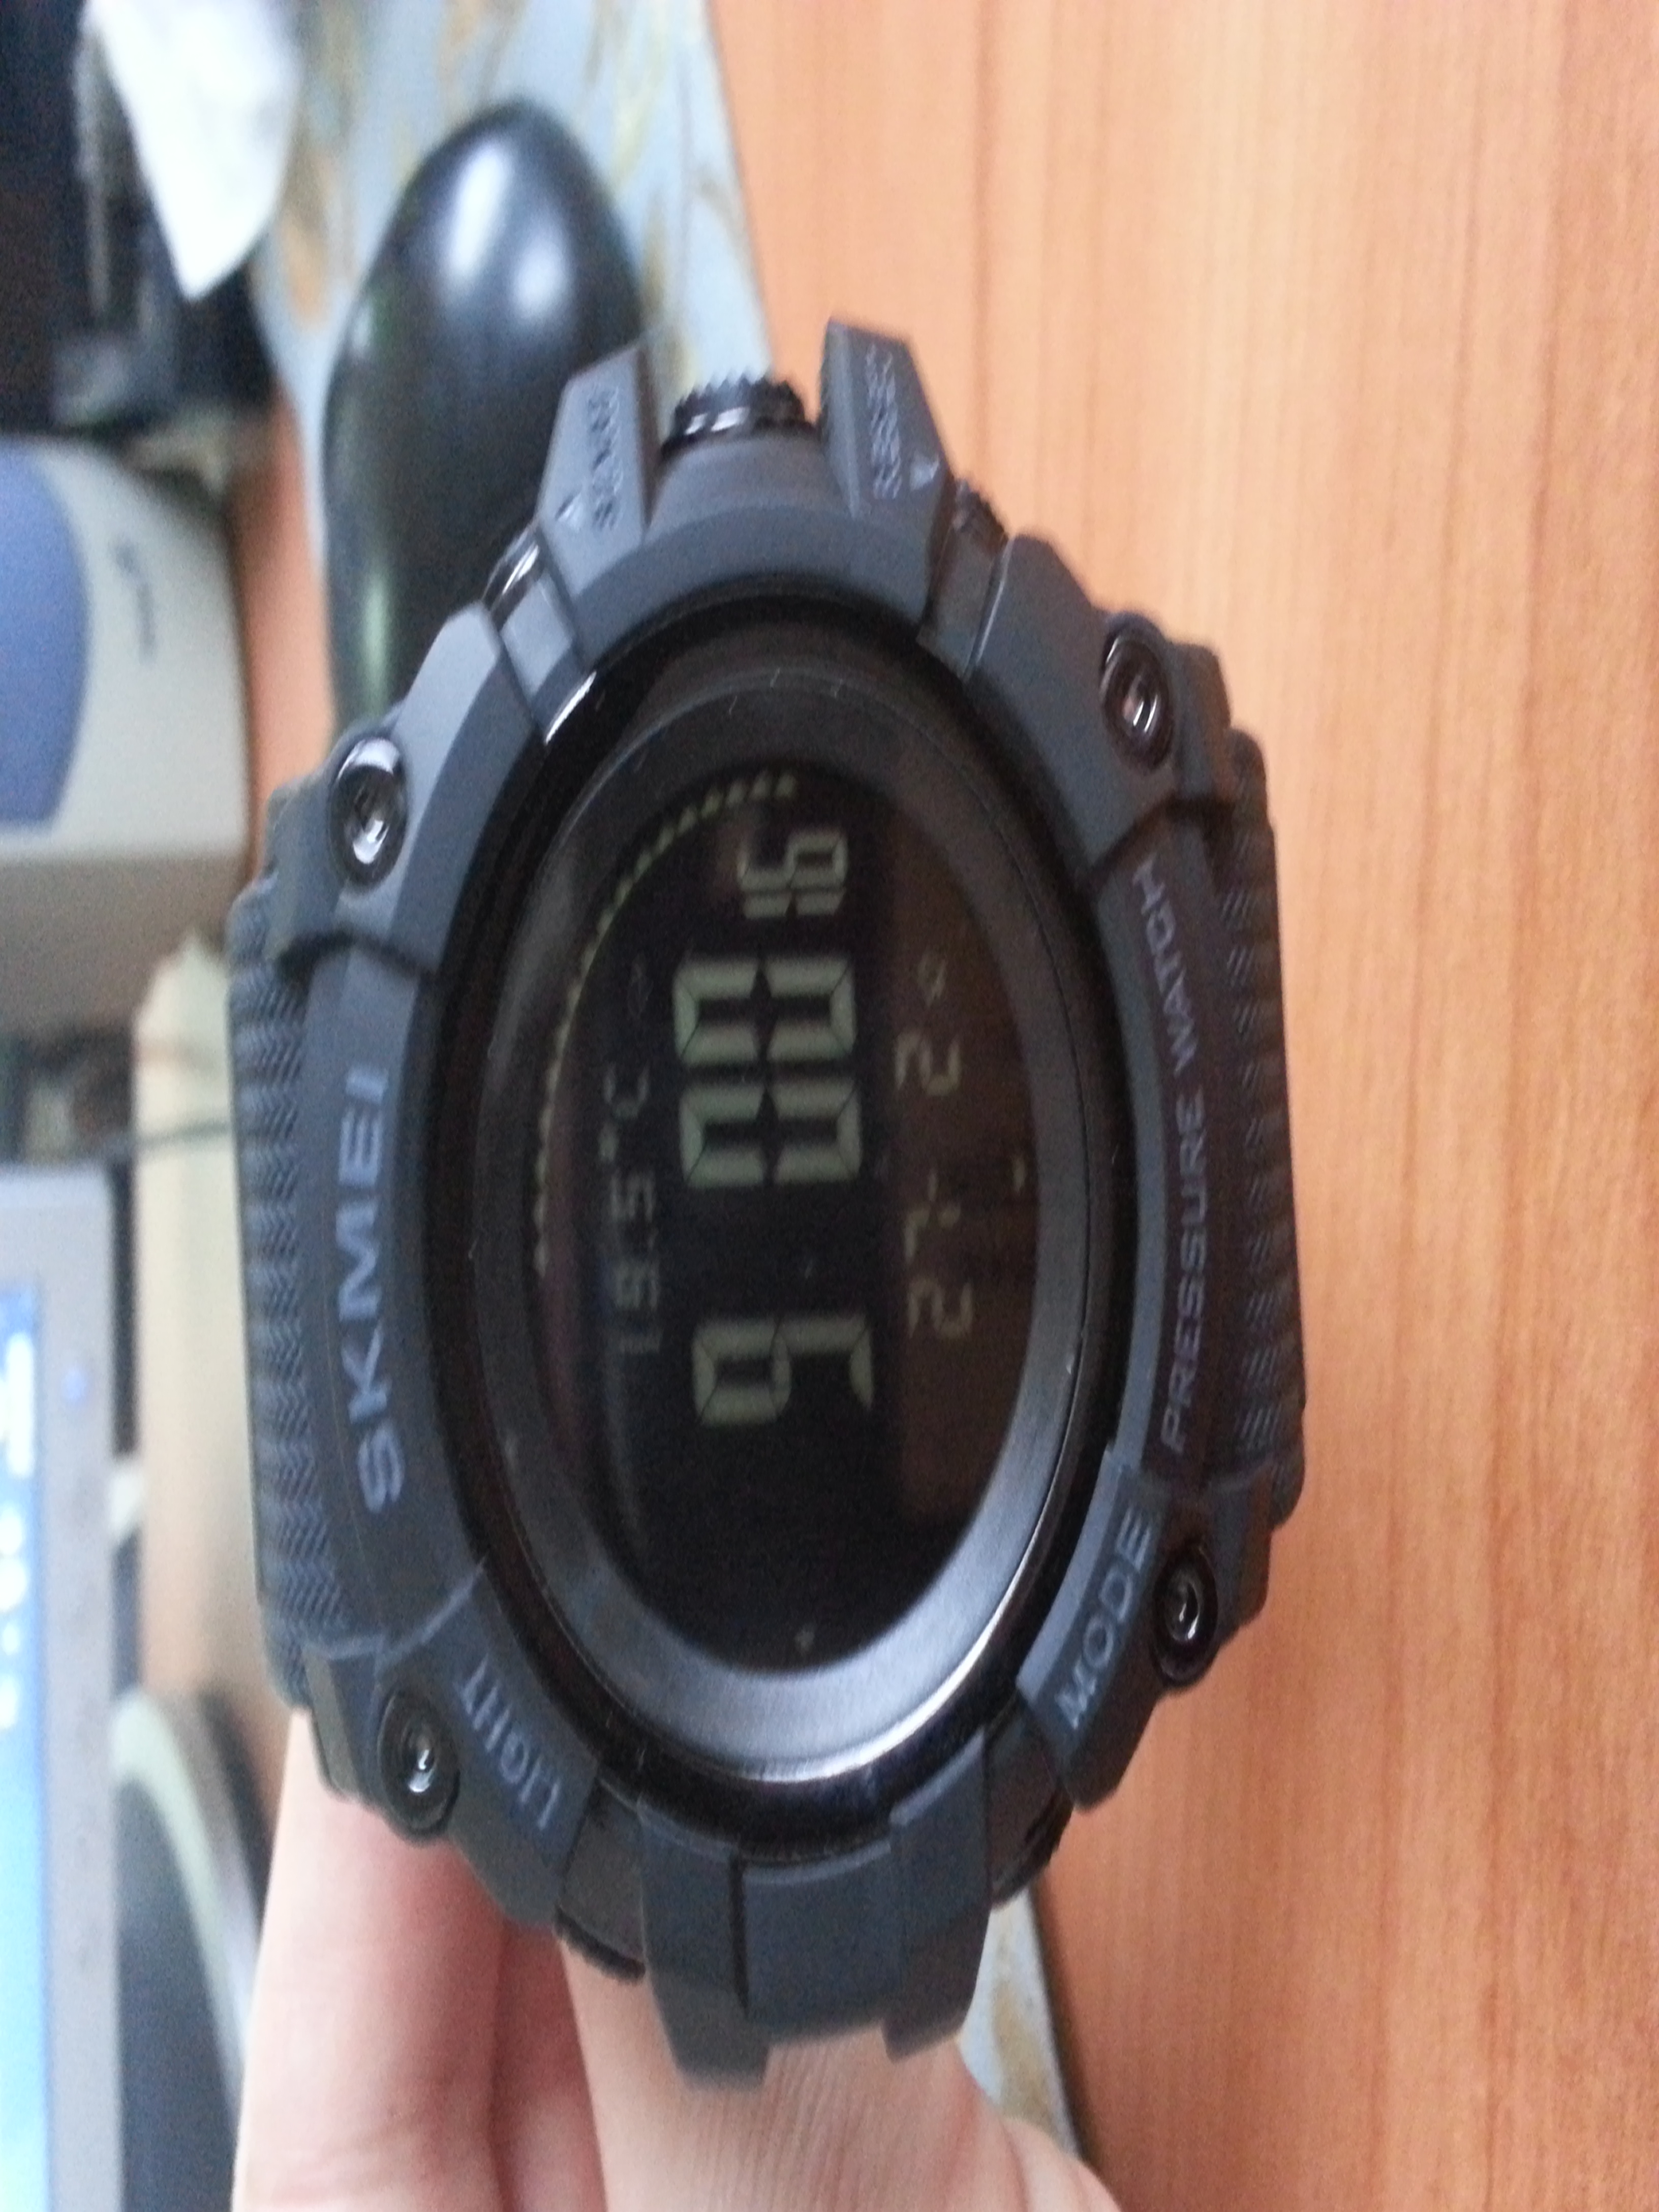 -- Relógio Digital Altímetro